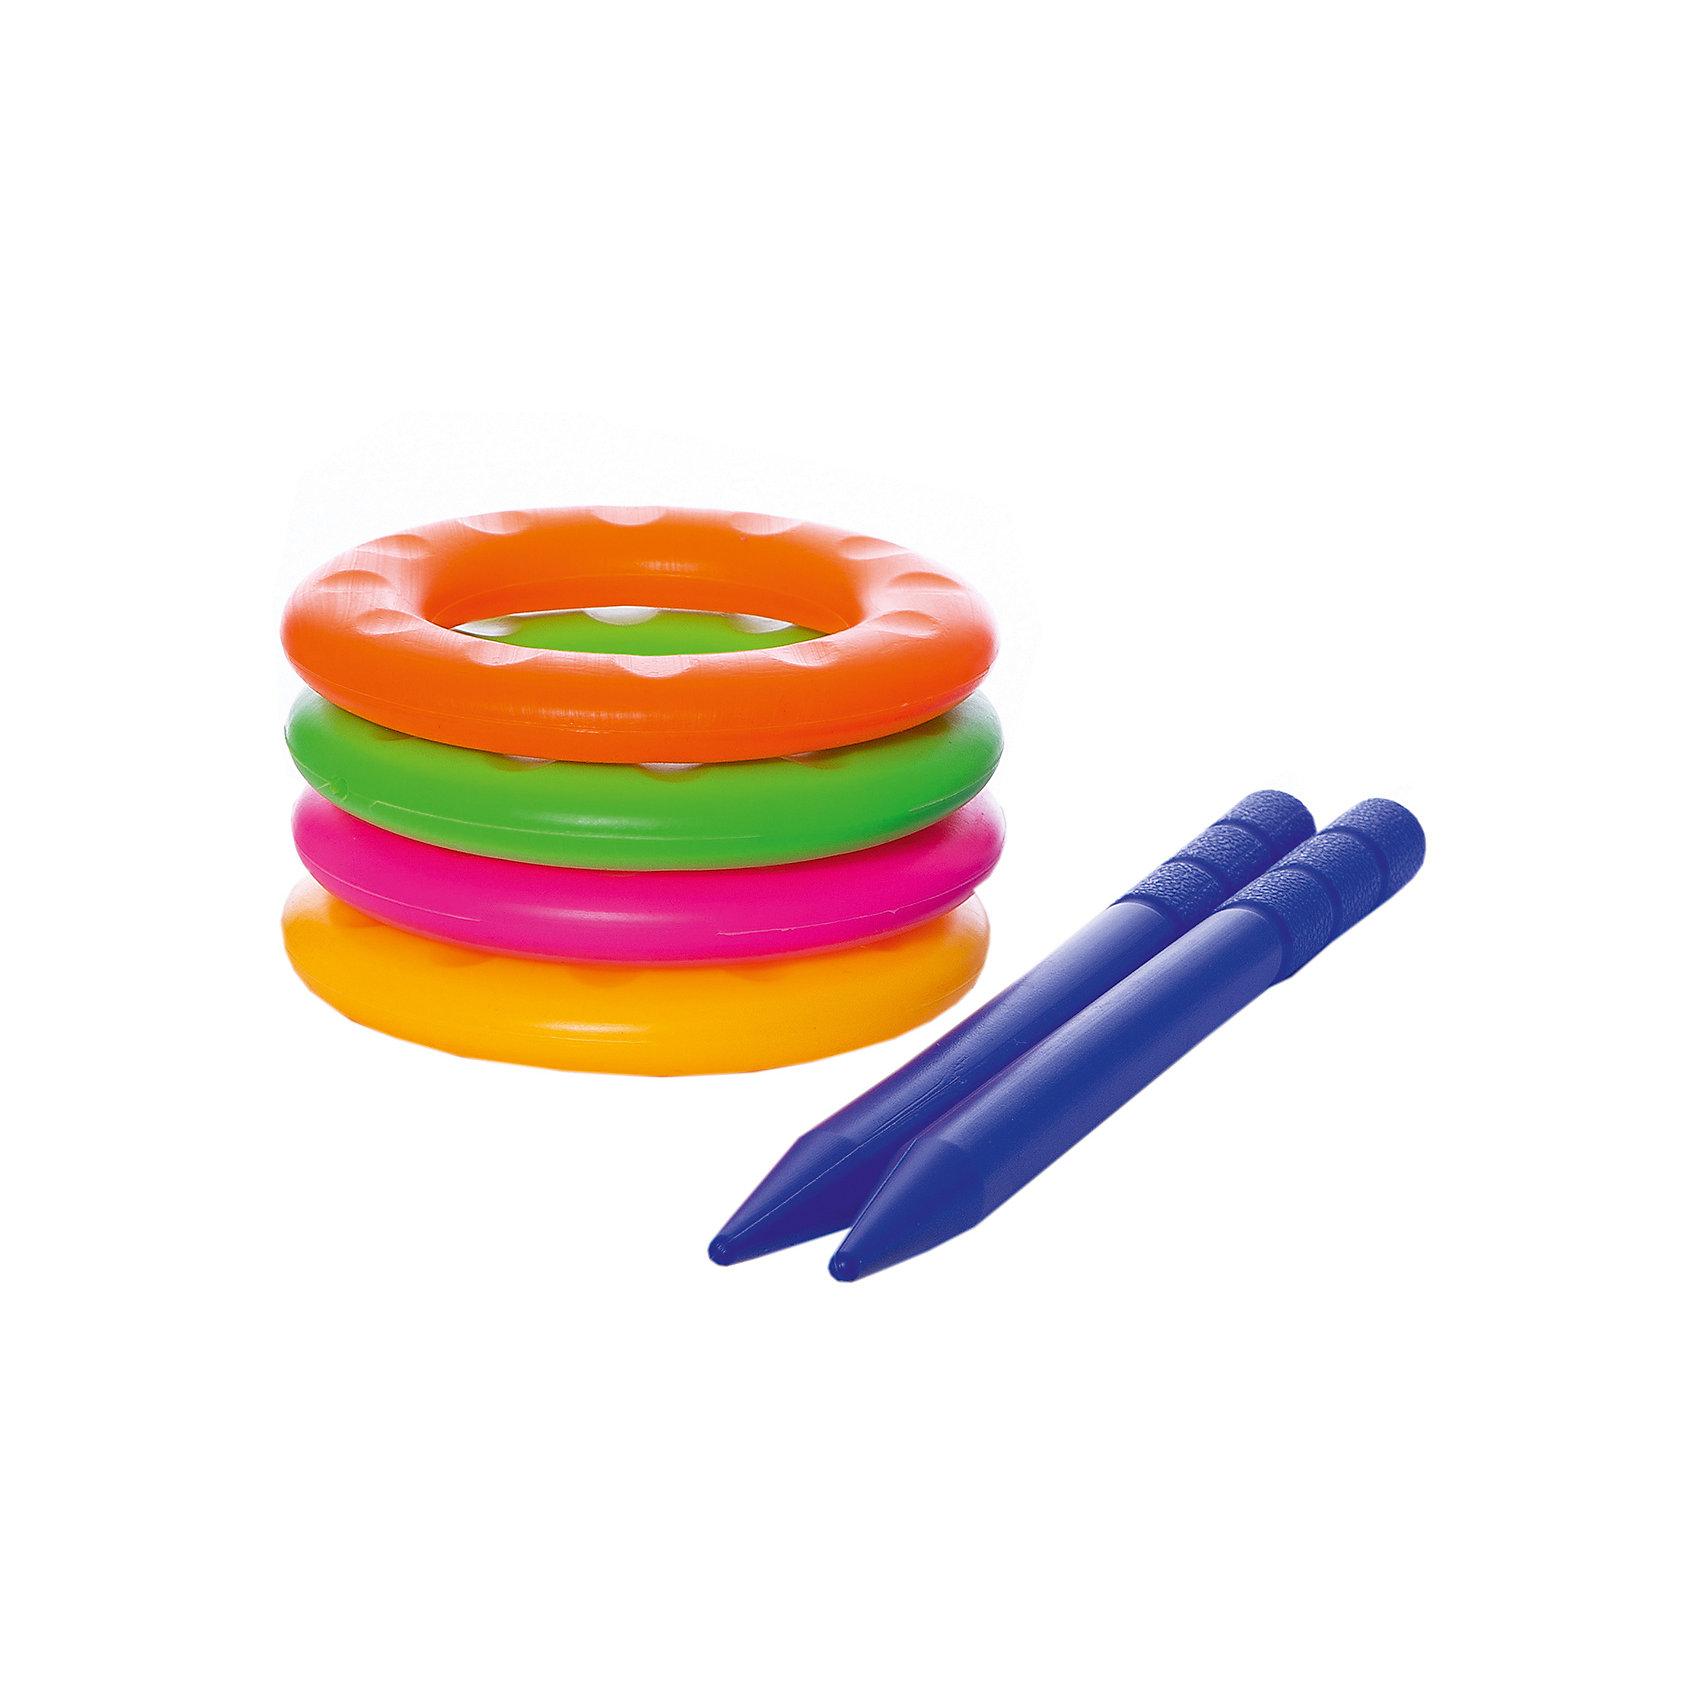 Игра детская Весёлые колечки, YG SportДетская игра Весёлые колечки, YG Sport - прекрасный вариант для подвижных активных игр в помещении или на открытом воздухе. В комплект входят два колышка и четыре разноцветных кольца. Колышки выполнены из прочного пластика и имеют закруглённые, сглаженные концы. Цель игры - насадить на колышки как можно больше колечек. Набор компактен, удобен в хранении и транспортировке. Развивает координацию и моторику движений, меткость, ловкость и внимательность.<br><br>Дополнительная информация:<br><br>- В комплекте: 4 кольца, 2 колышка.<br>- Материал: пластик. <br>- Размер упаковки: 28 х 6 х 14 см.<br>- Вес: 118 гр.<br> <br>Детскую игру Весёлые колечки, YG Sport, можно купить в нашем интернет-магазине.<br><br>Ширина мм: 600<br>Глубина мм: 410<br>Высота мм: 630<br>Вес г: 118<br>Возраст от месяцев: 36<br>Возраст до месяцев: 72<br>Пол: Унисекс<br>Возраст: Детский<br>SKU: 4622238